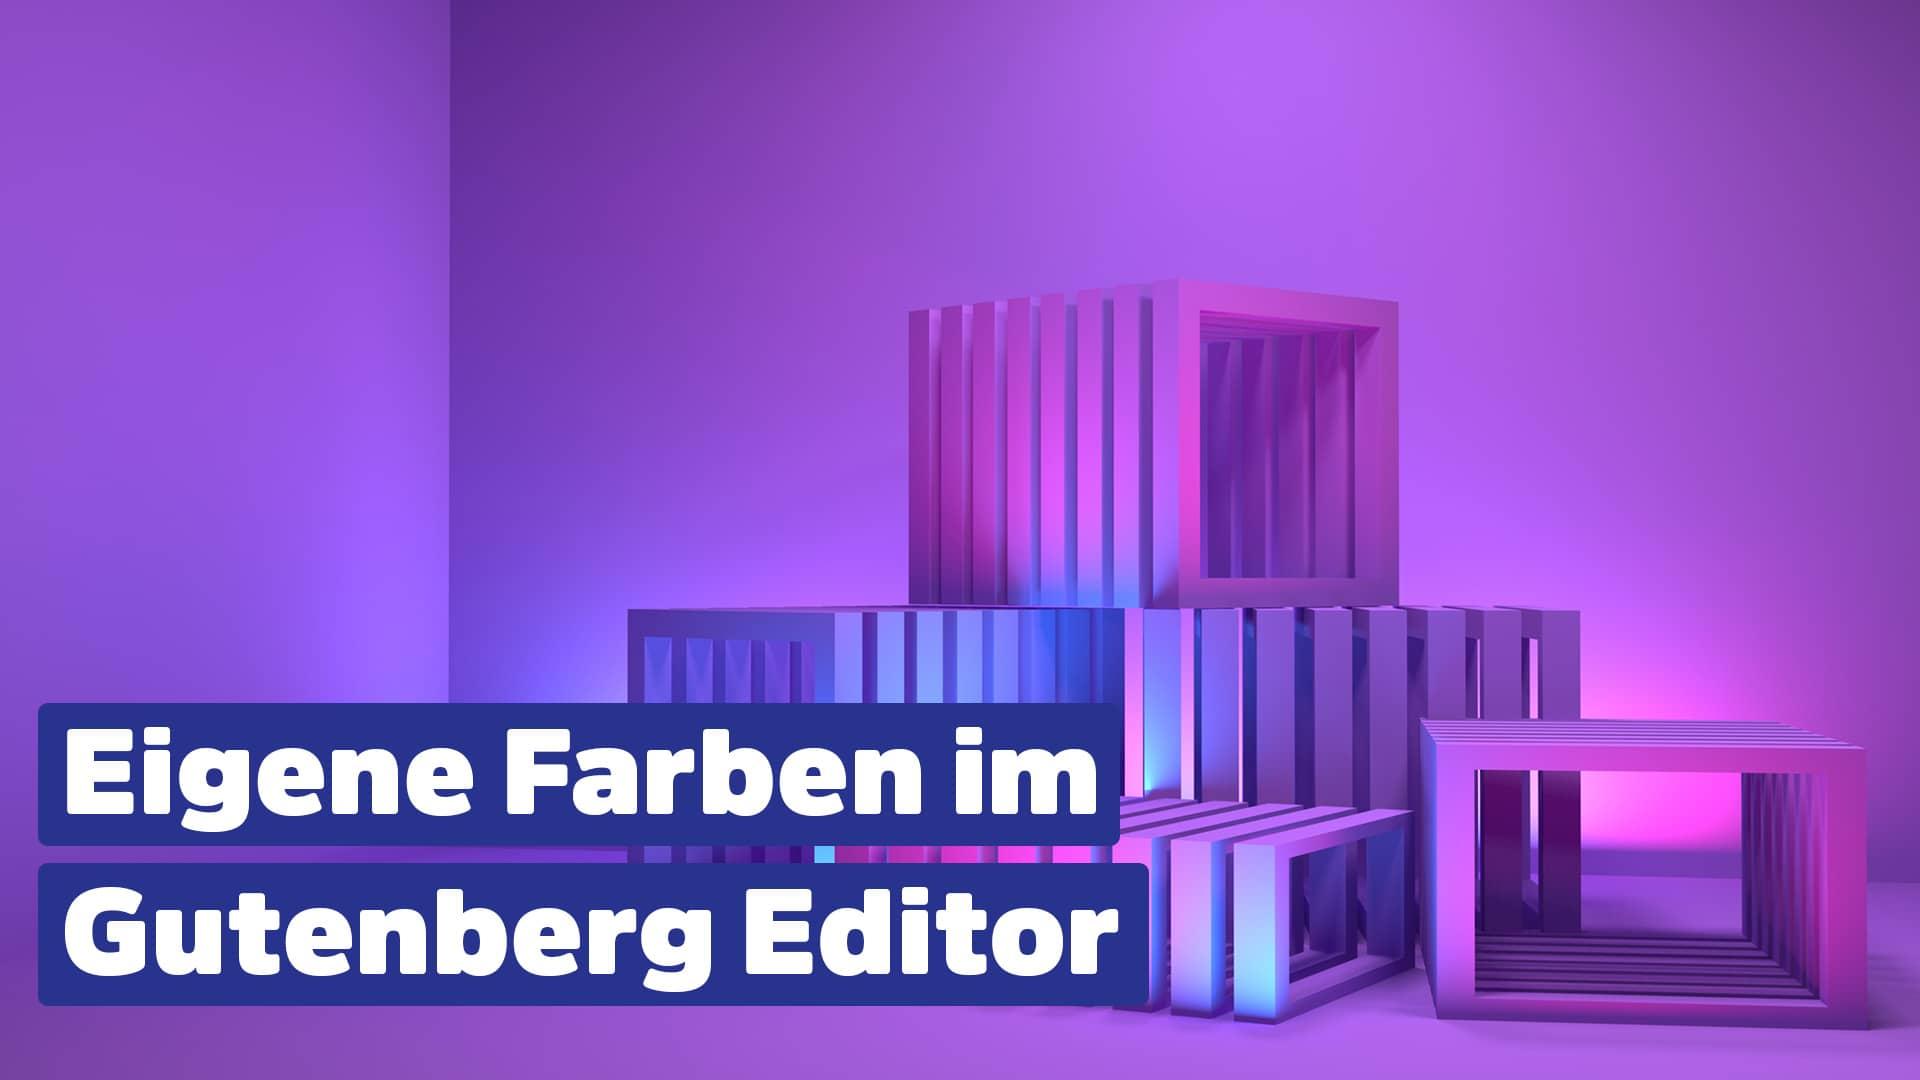 Eigene Farben Gutenberg